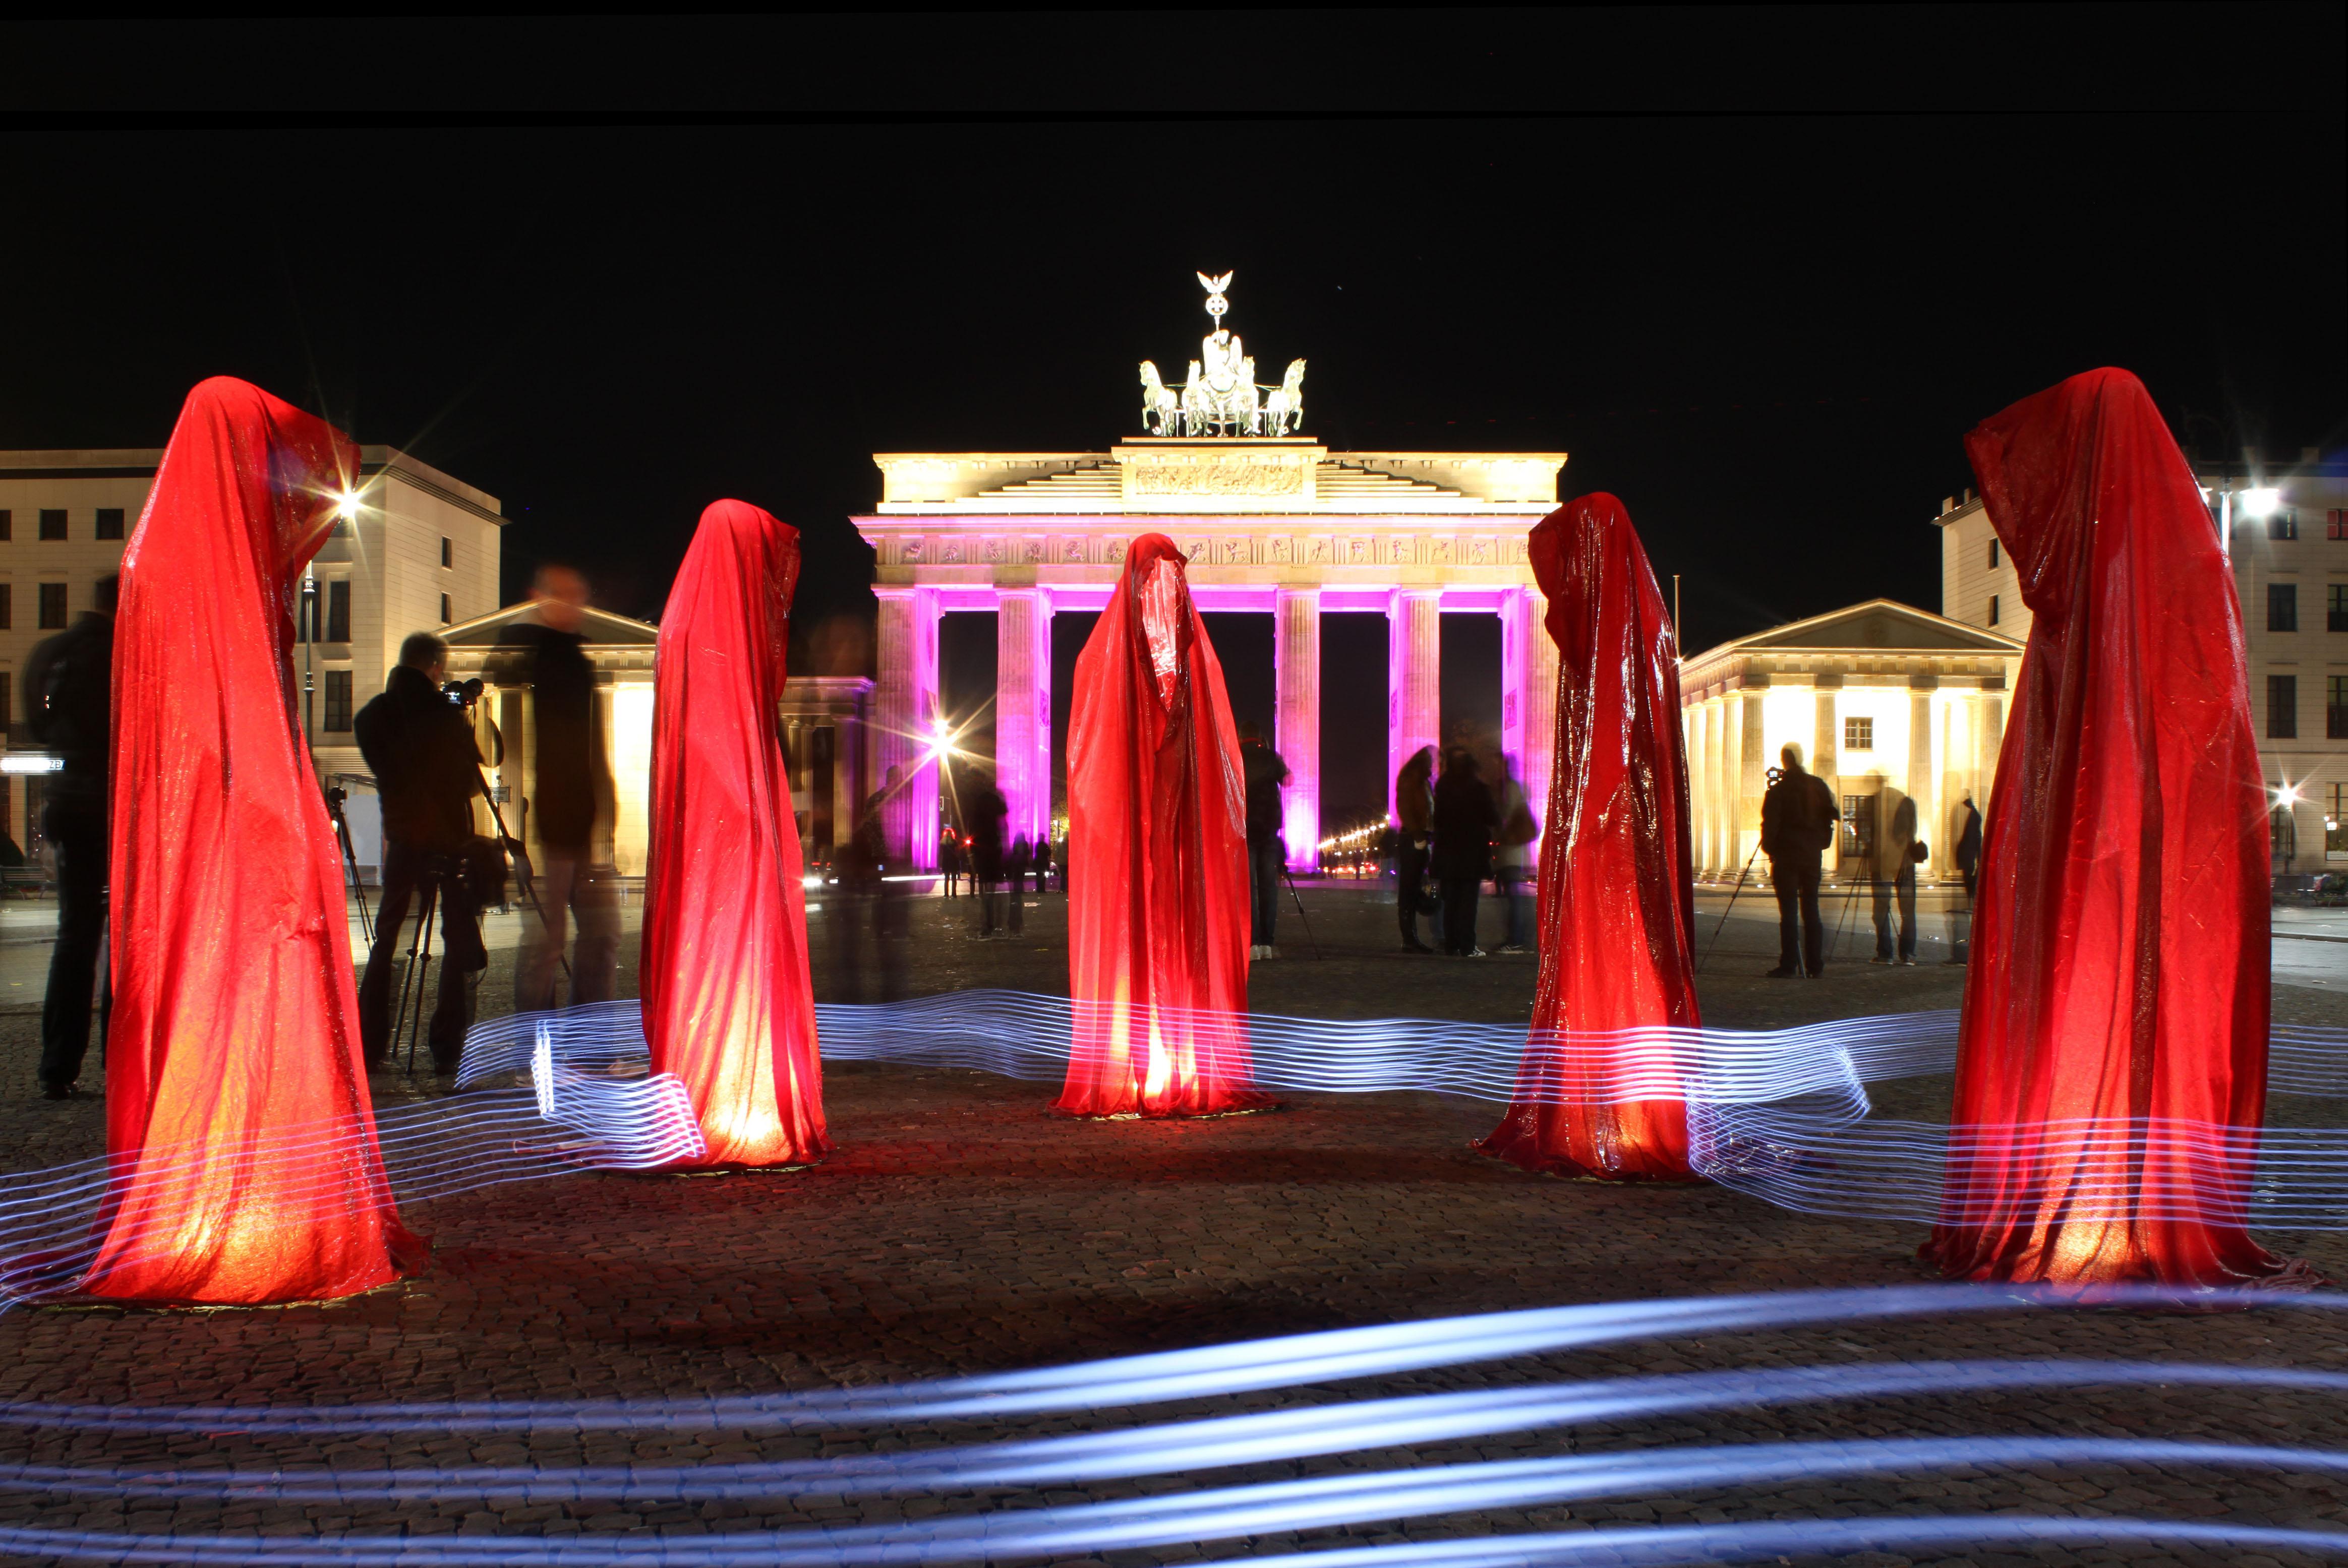 Festival-of-lights-brandenburger-tor-berlin-timeguards-waechter-der-zeit-tour-manfred-kielnhofer-light-painting-